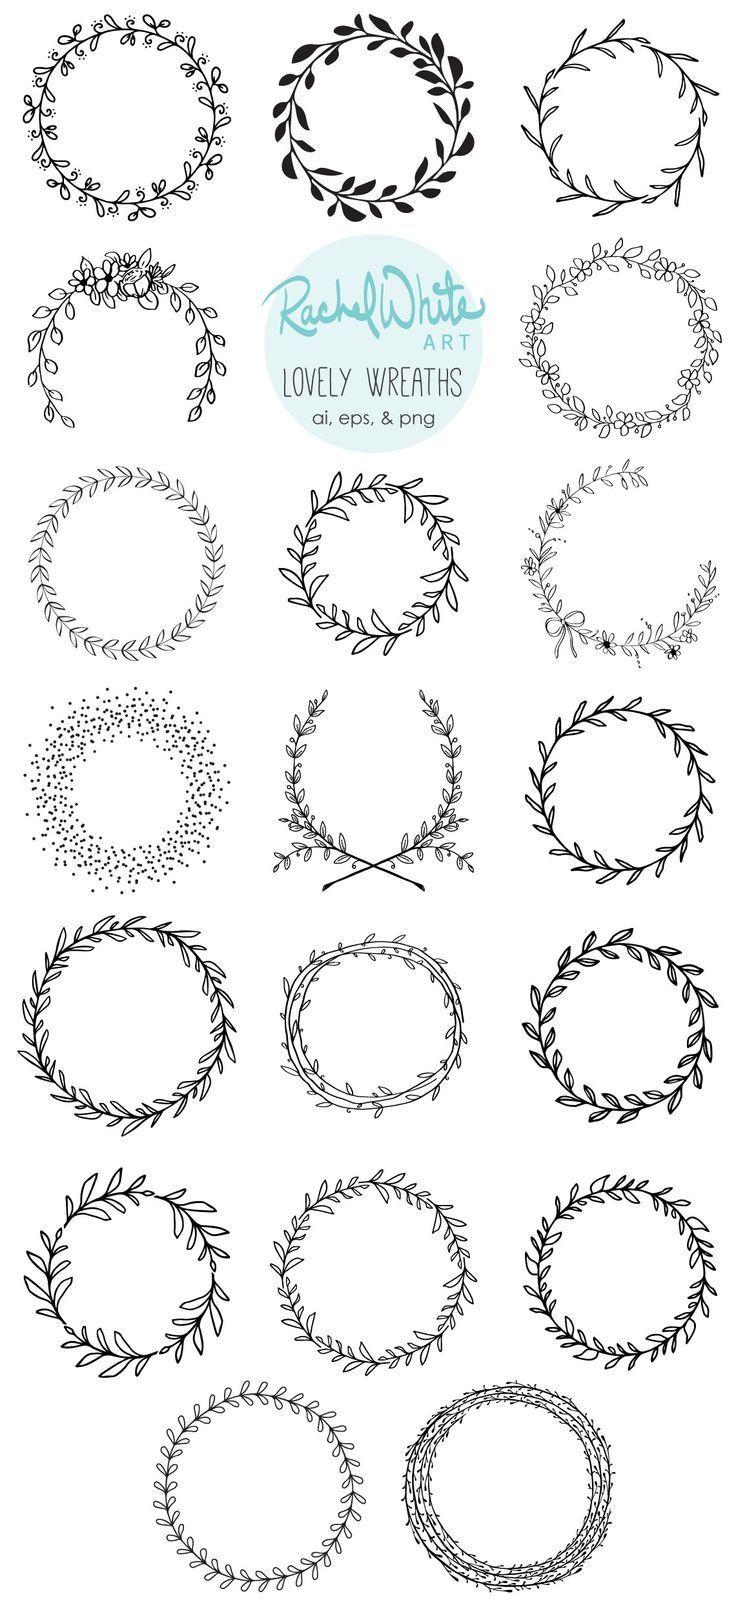 Wunderschöne Kränze Vektorgrafiken – AI EPS und PNG – 19 einzigartige Bilder … – Catherine